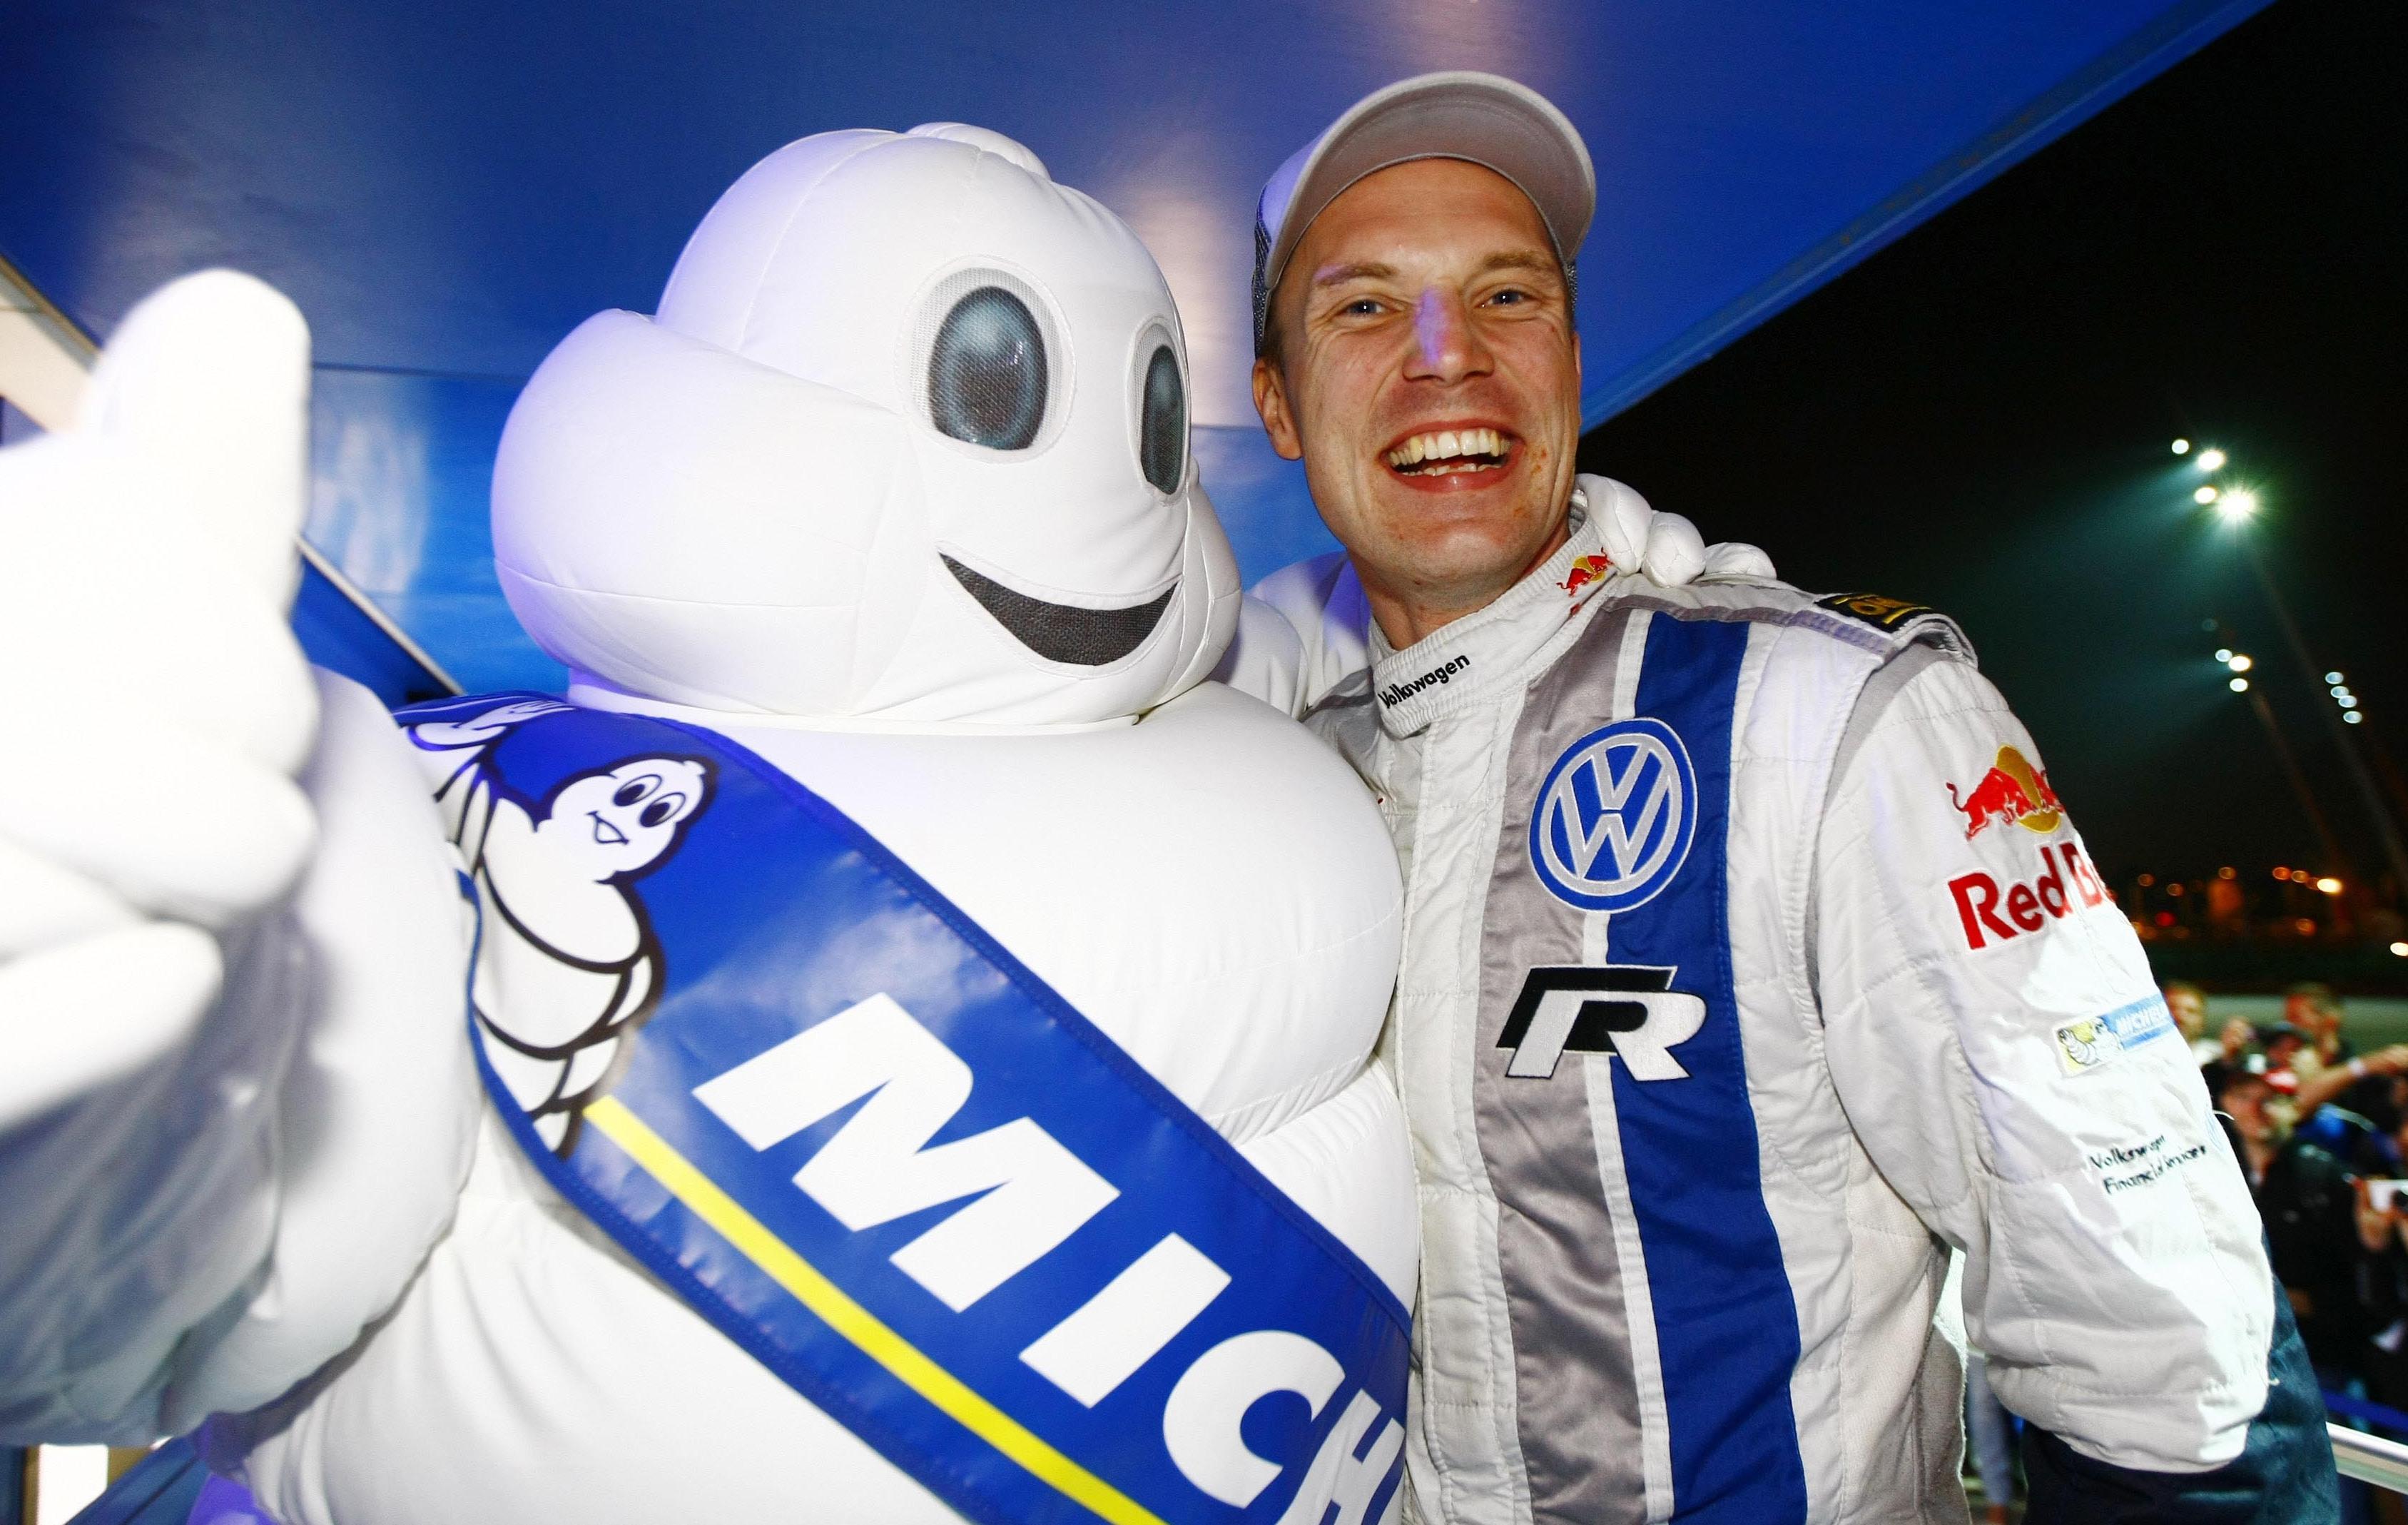 Rallye - Latvala vainqueur, Ogier prend les miettes